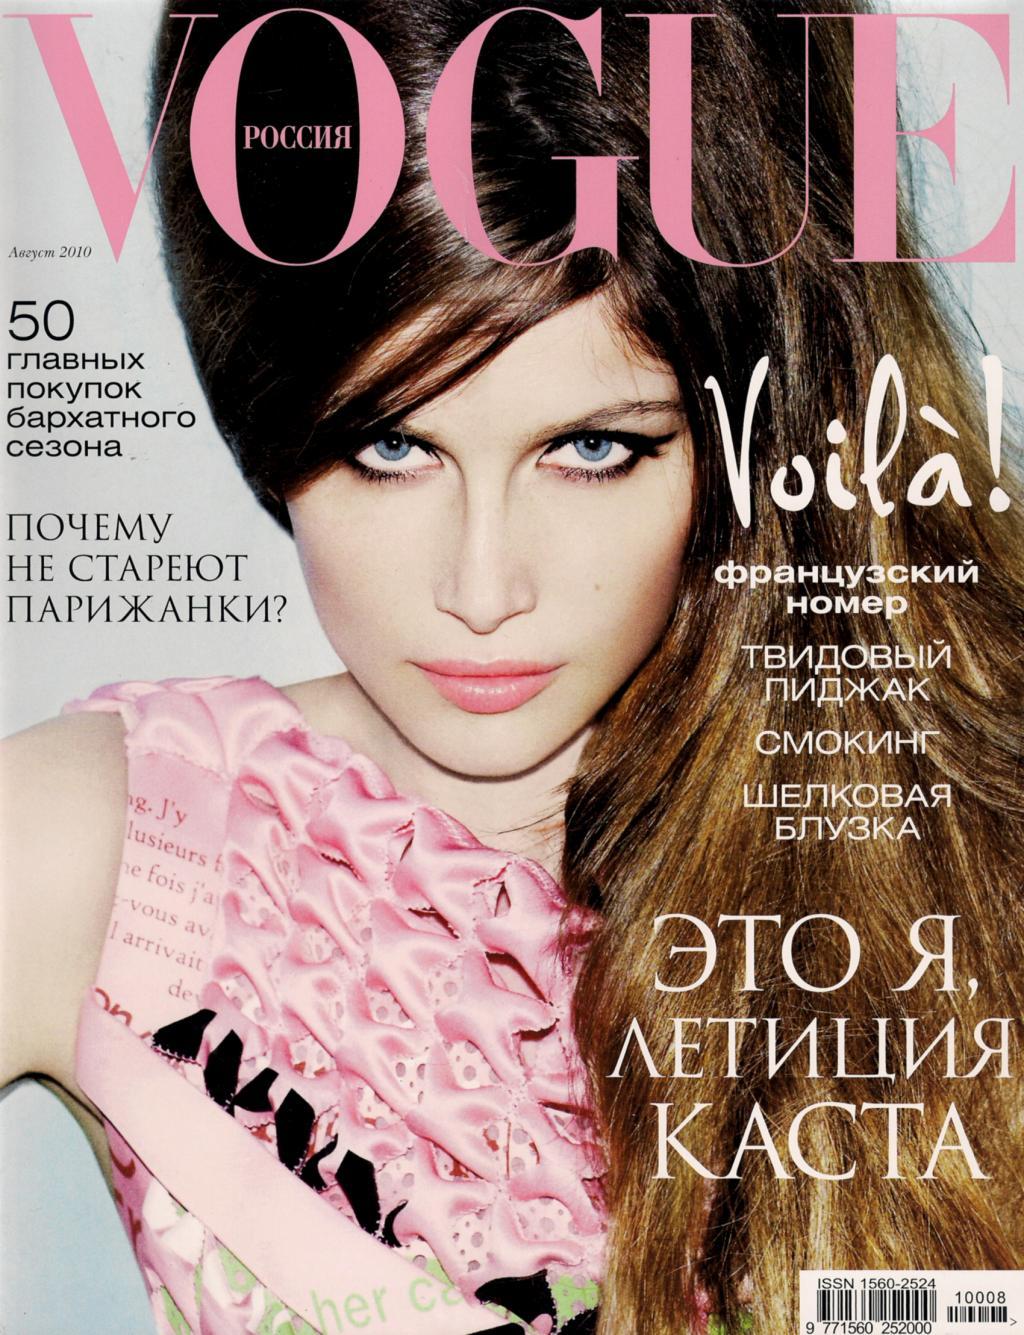 http://3.bp.blogspot.com/_FUYvMNTJrjU/TGXSYHaDzNI/AAAAAAAAIt4/LnTZsoGvaXM/s1600/Laetita%2BCasta%2BVogue%2BRussia.jpg